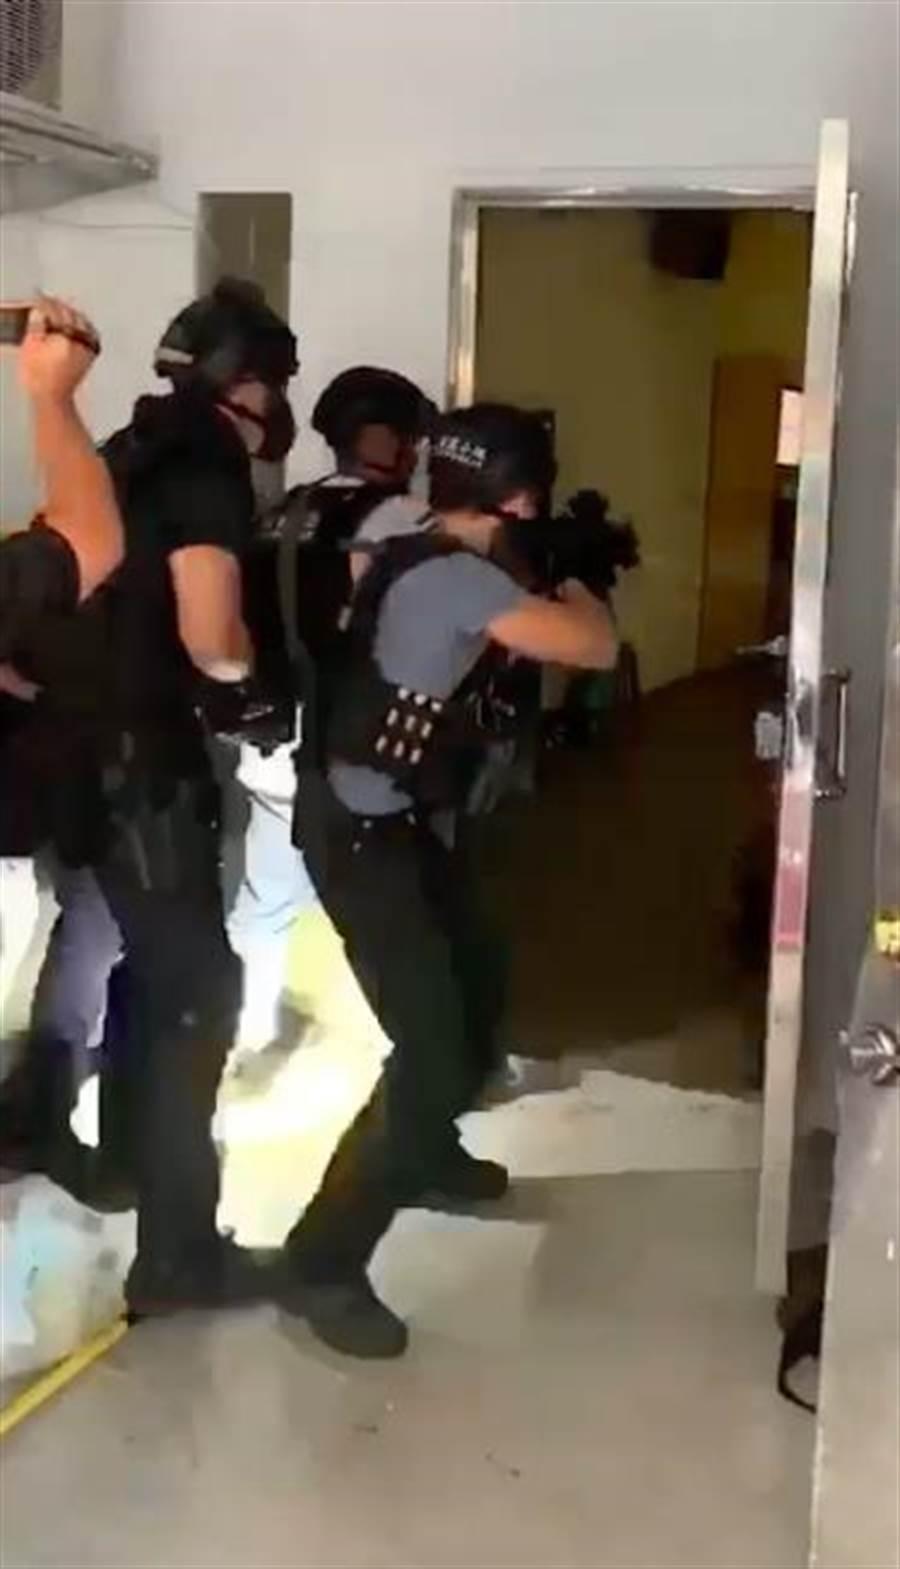 警方攻堅救出內湖擄人案其中1名被害人,並將盧姓等3人向法院聲請羈押禁見獲准。(翻攝照片/李文正台北傳真)